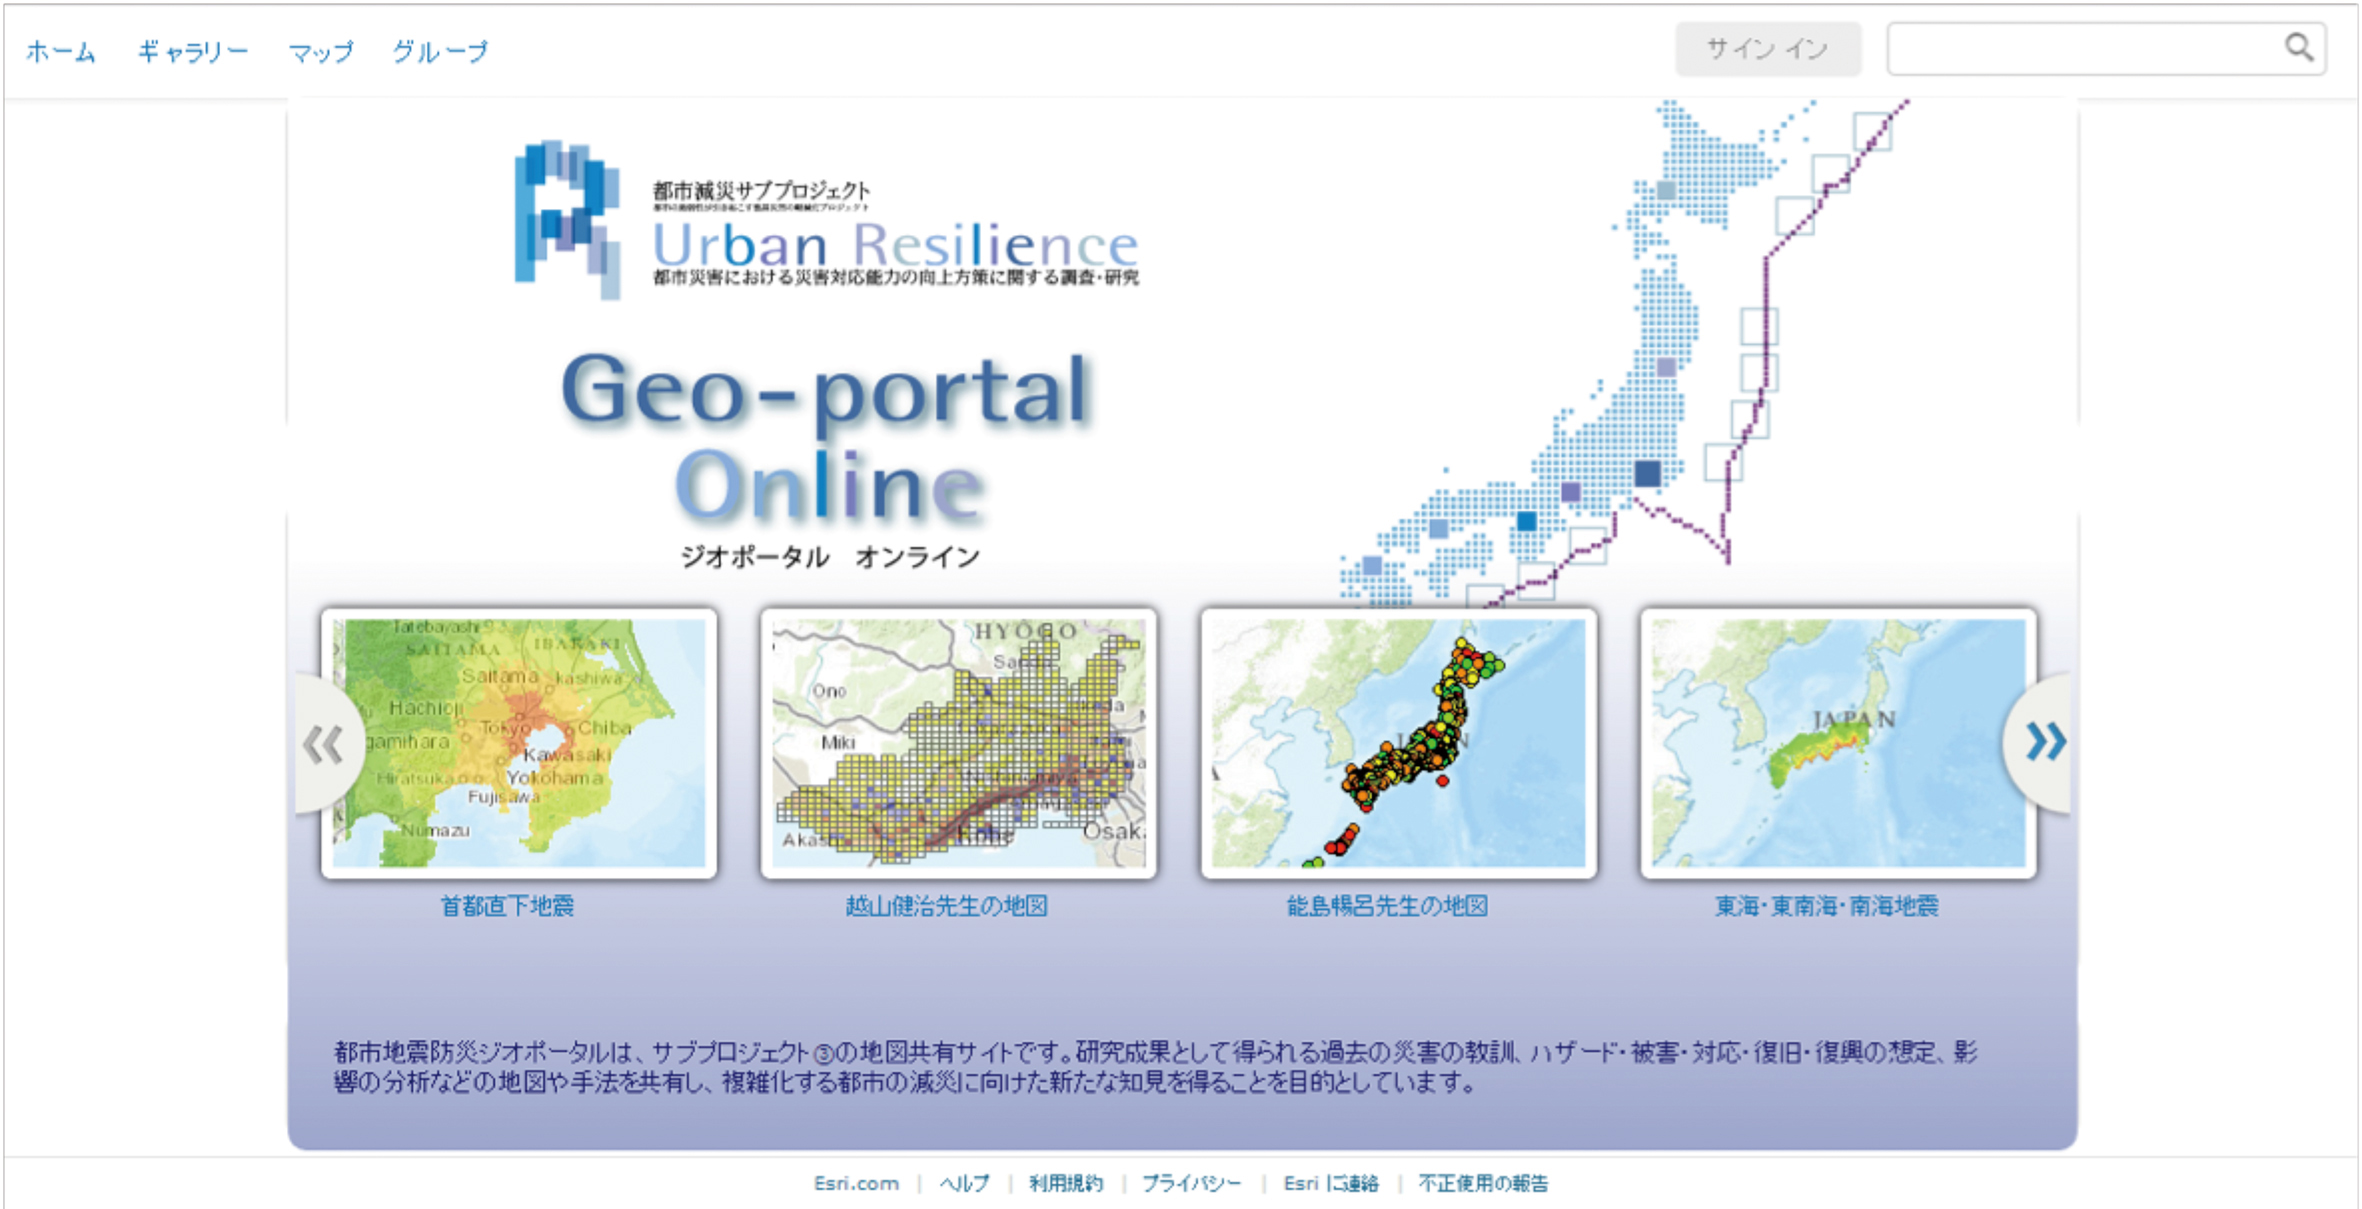 図2 ジオポータルオンライン